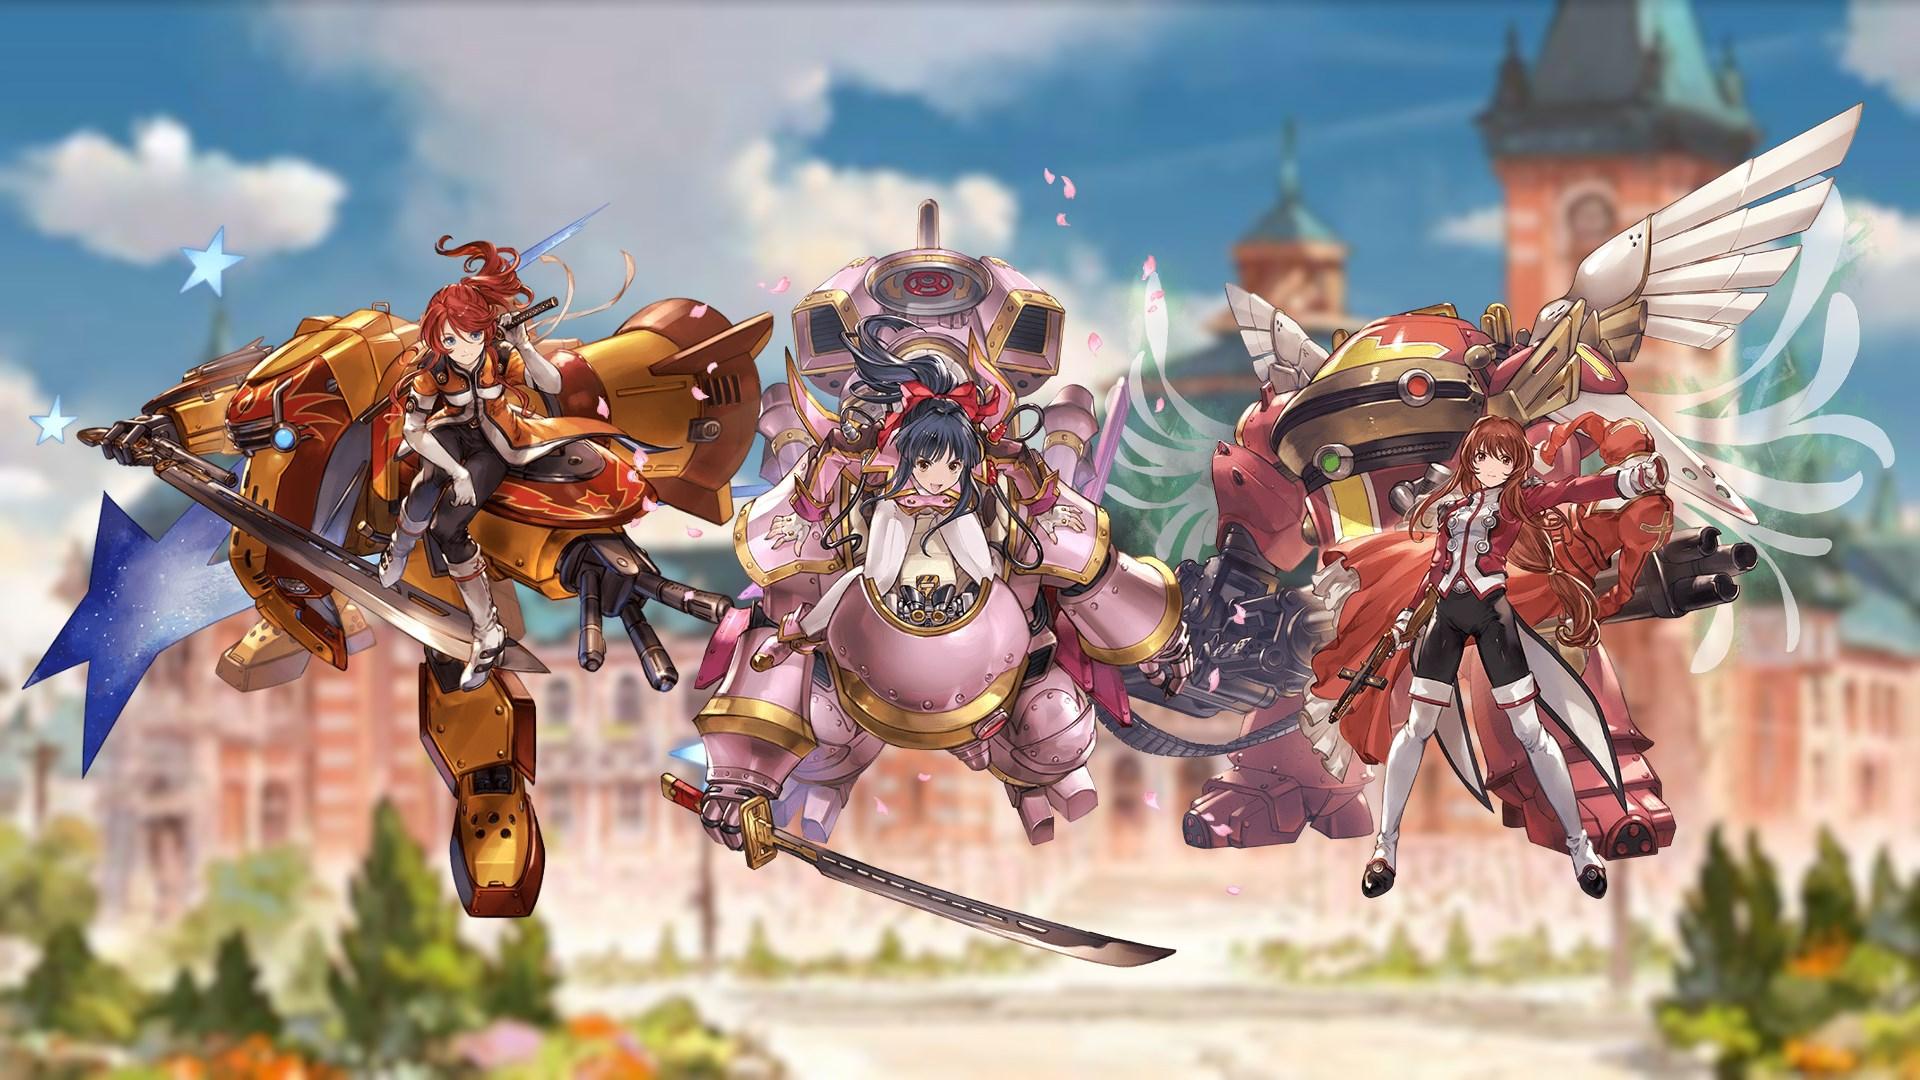 Sakura-Kriege